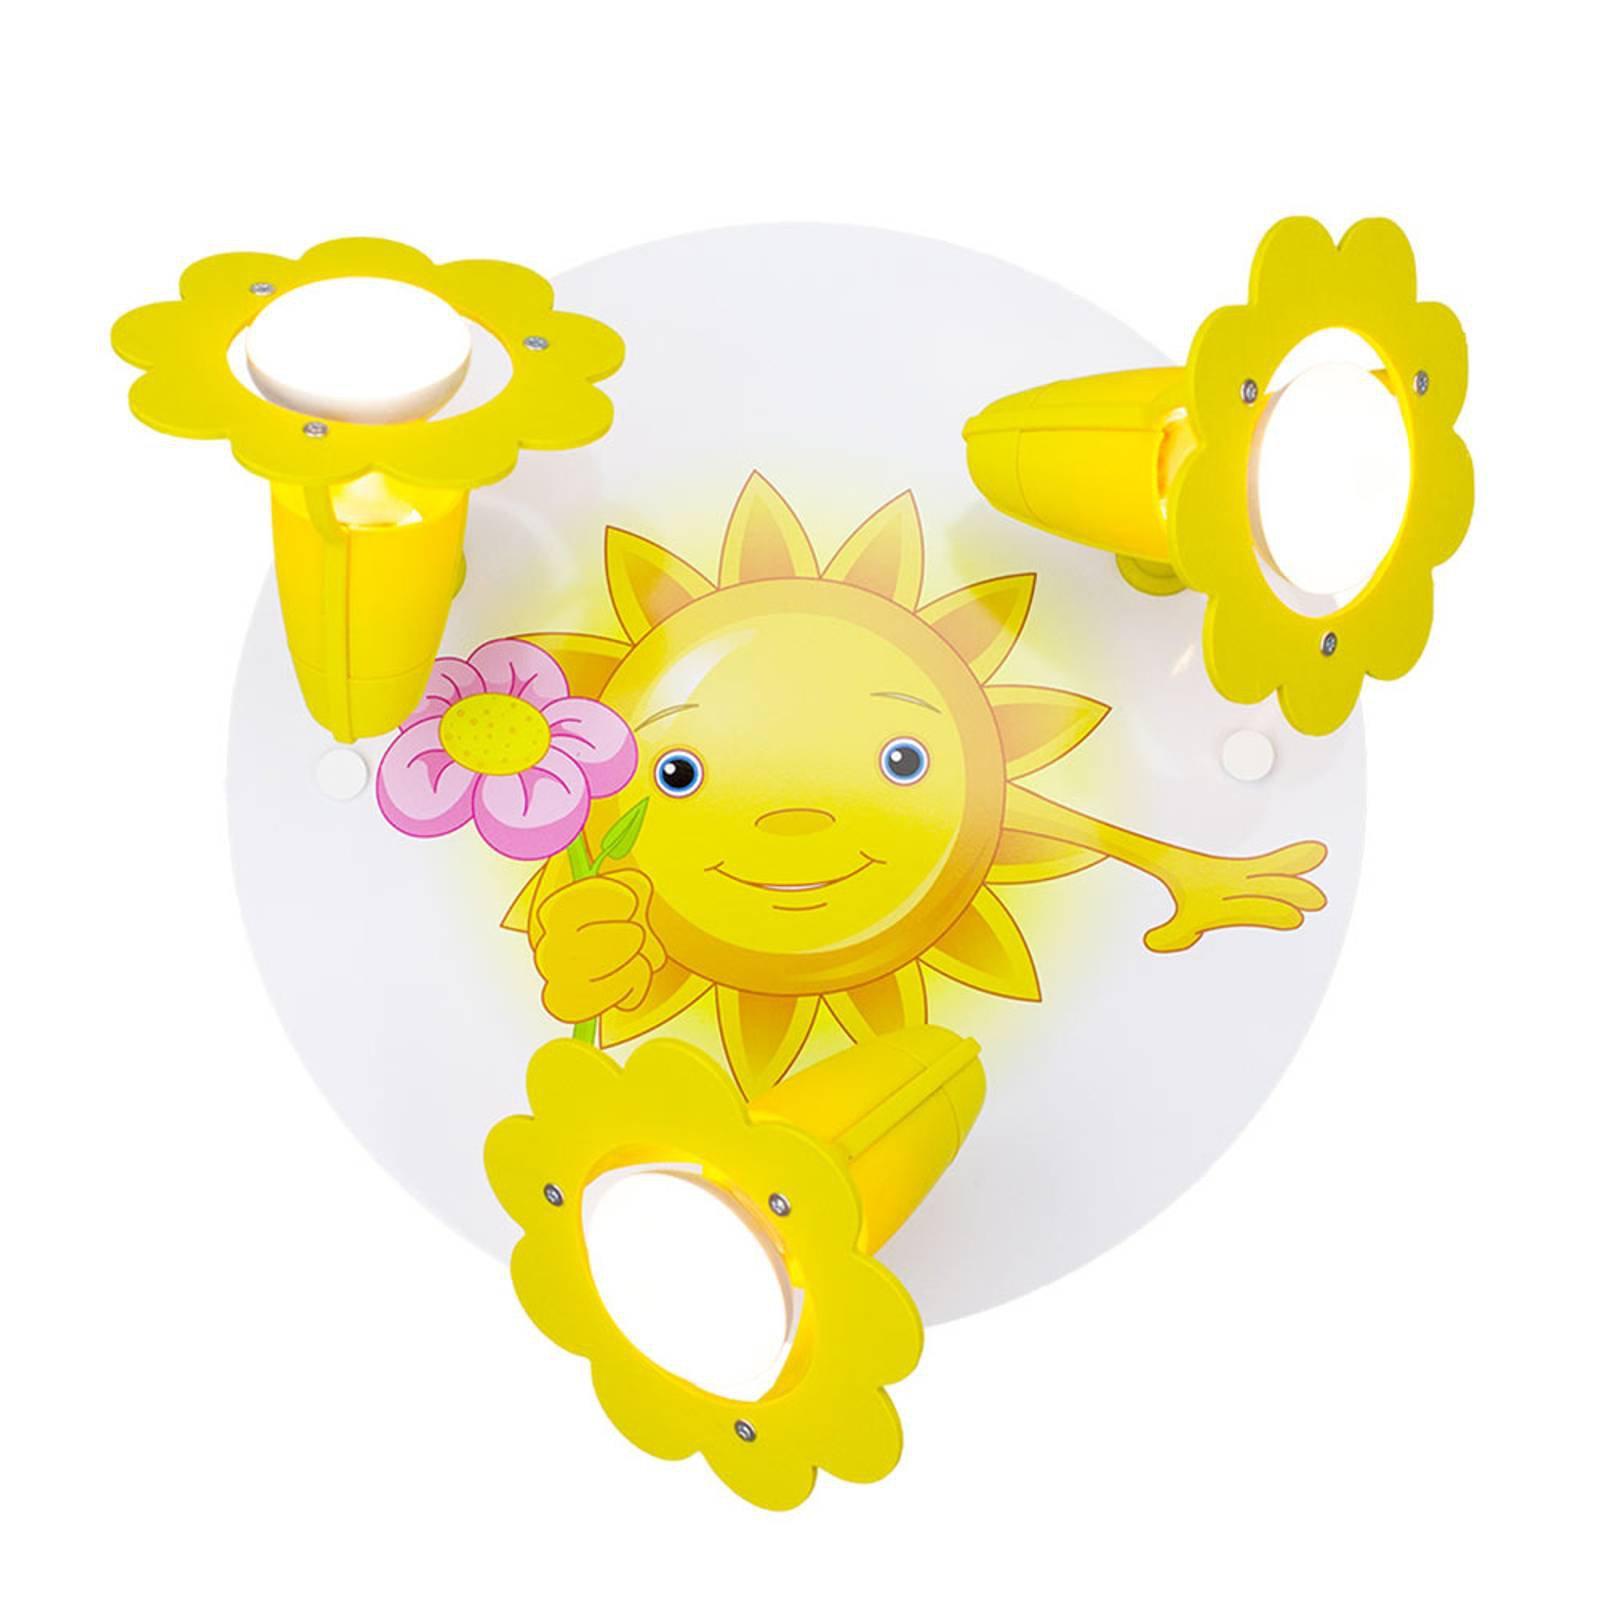 Taklampe Sun med blomst, 3 lyskilder, gul og hvit